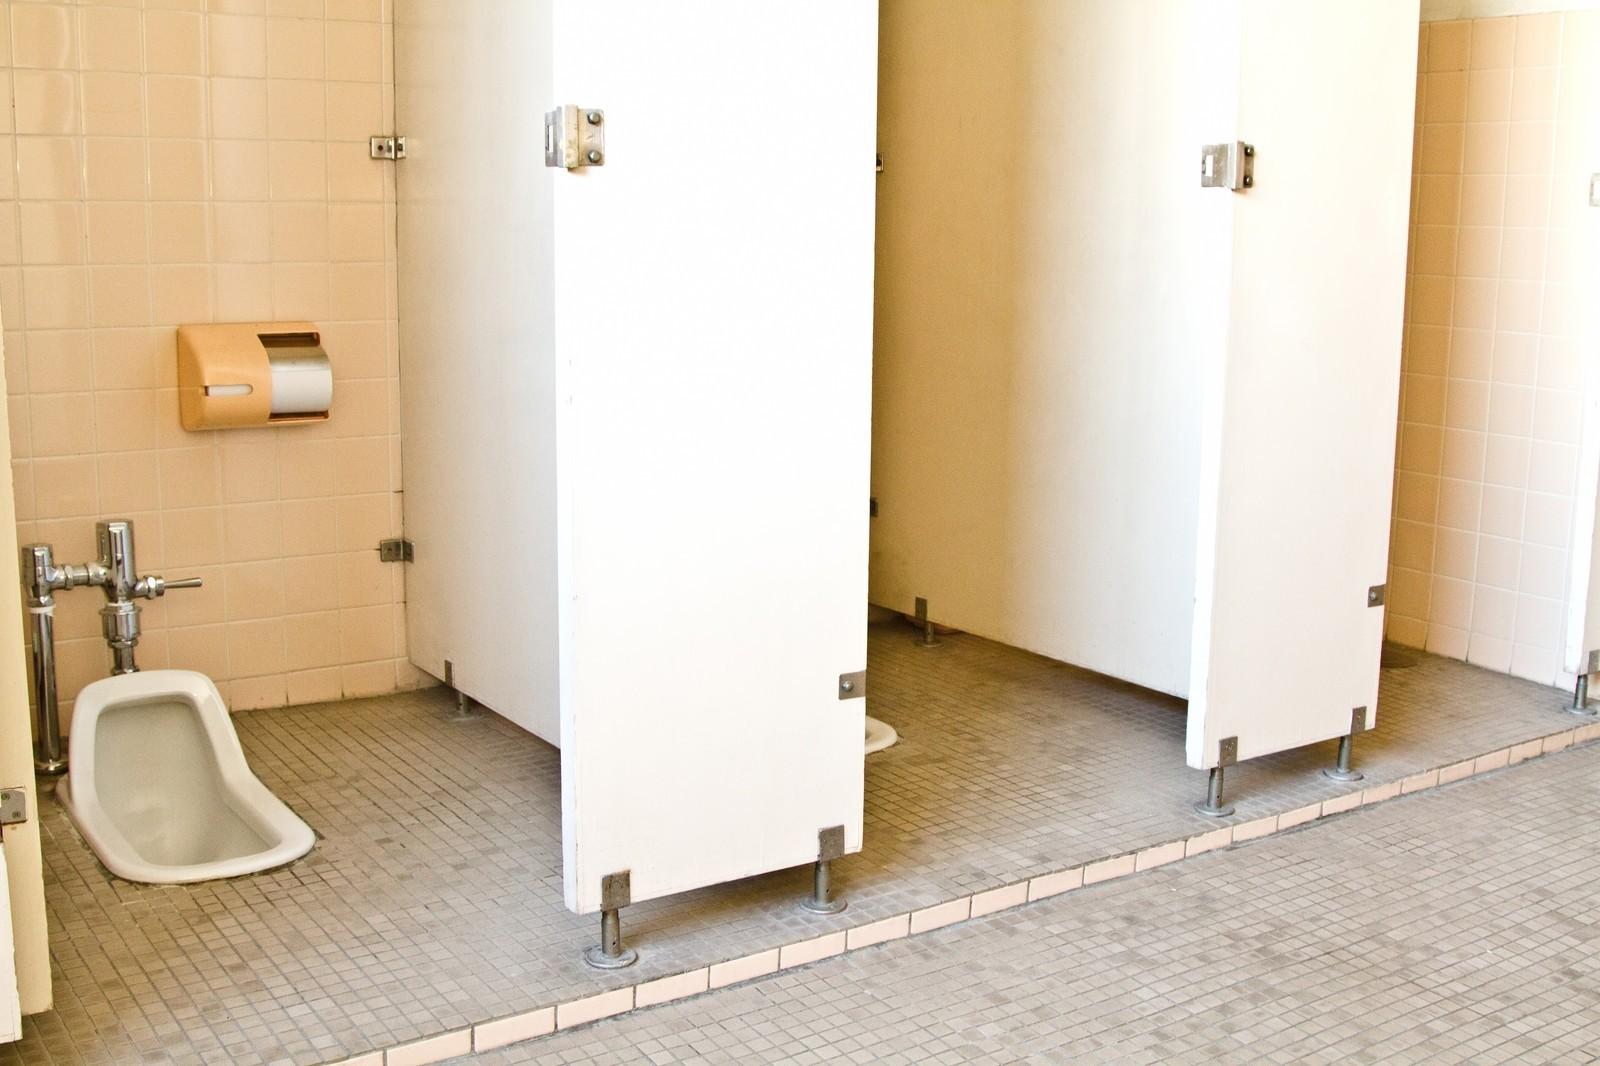 ▲廁所,公共廁所。(圖/取自免費圖庫Pakutaso)